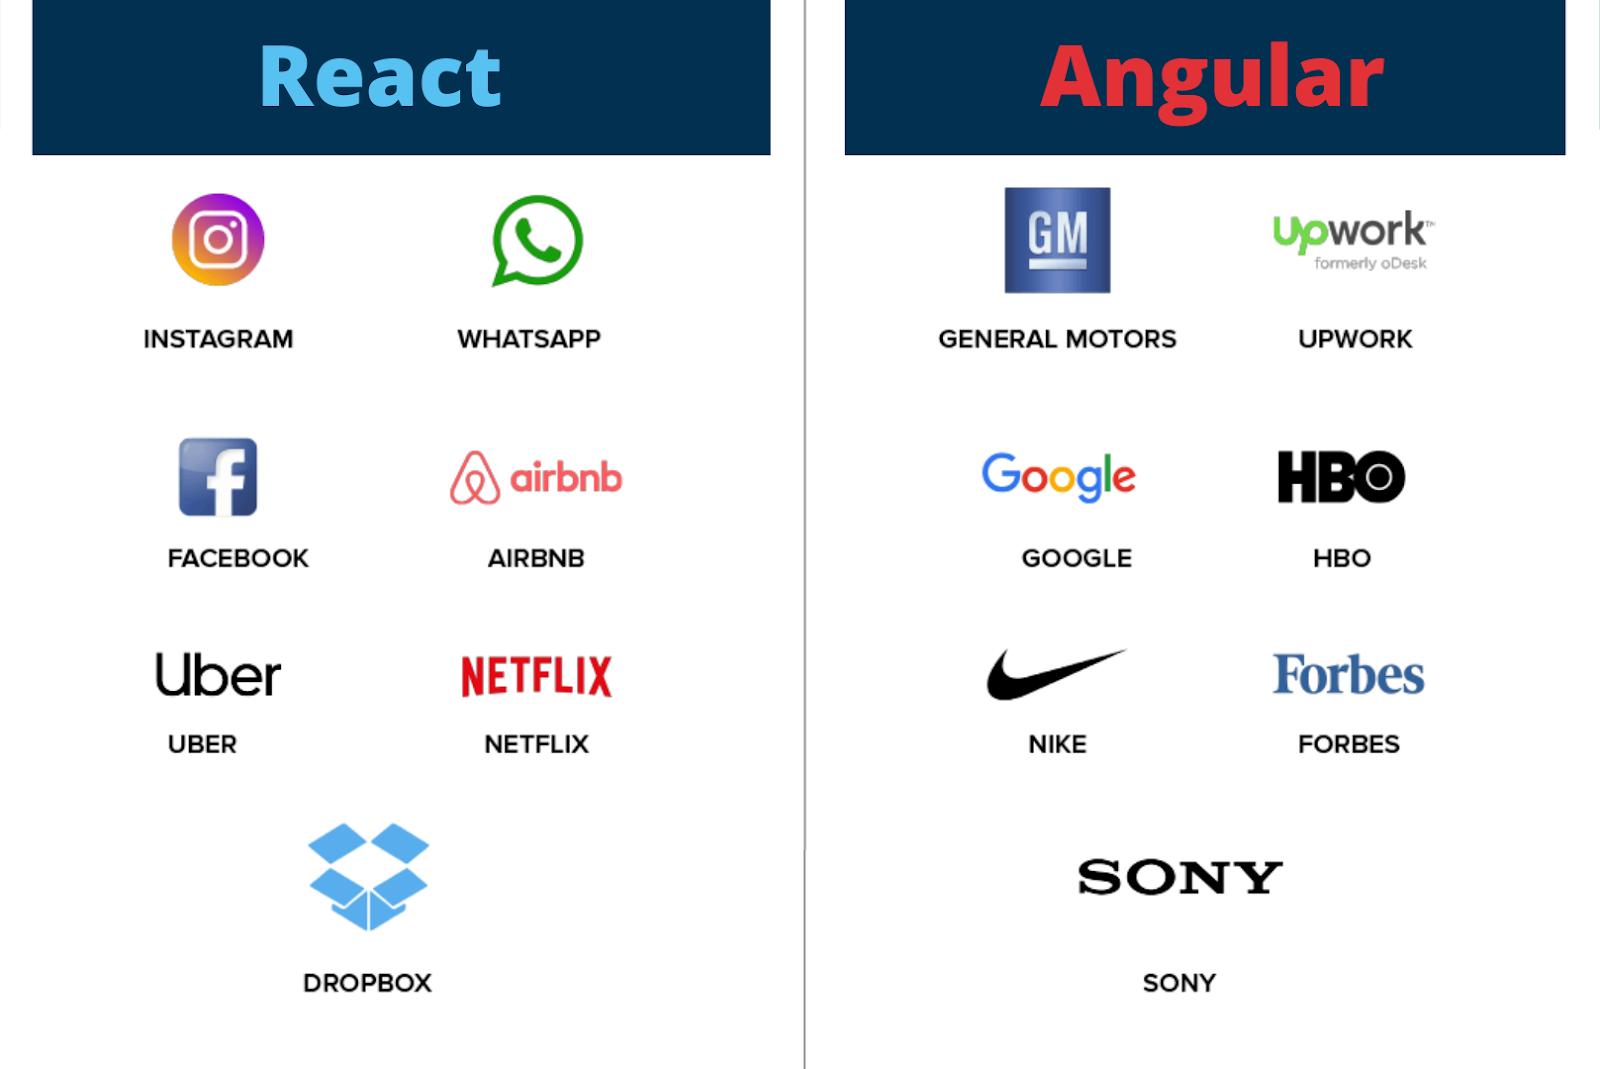 React vs Angular